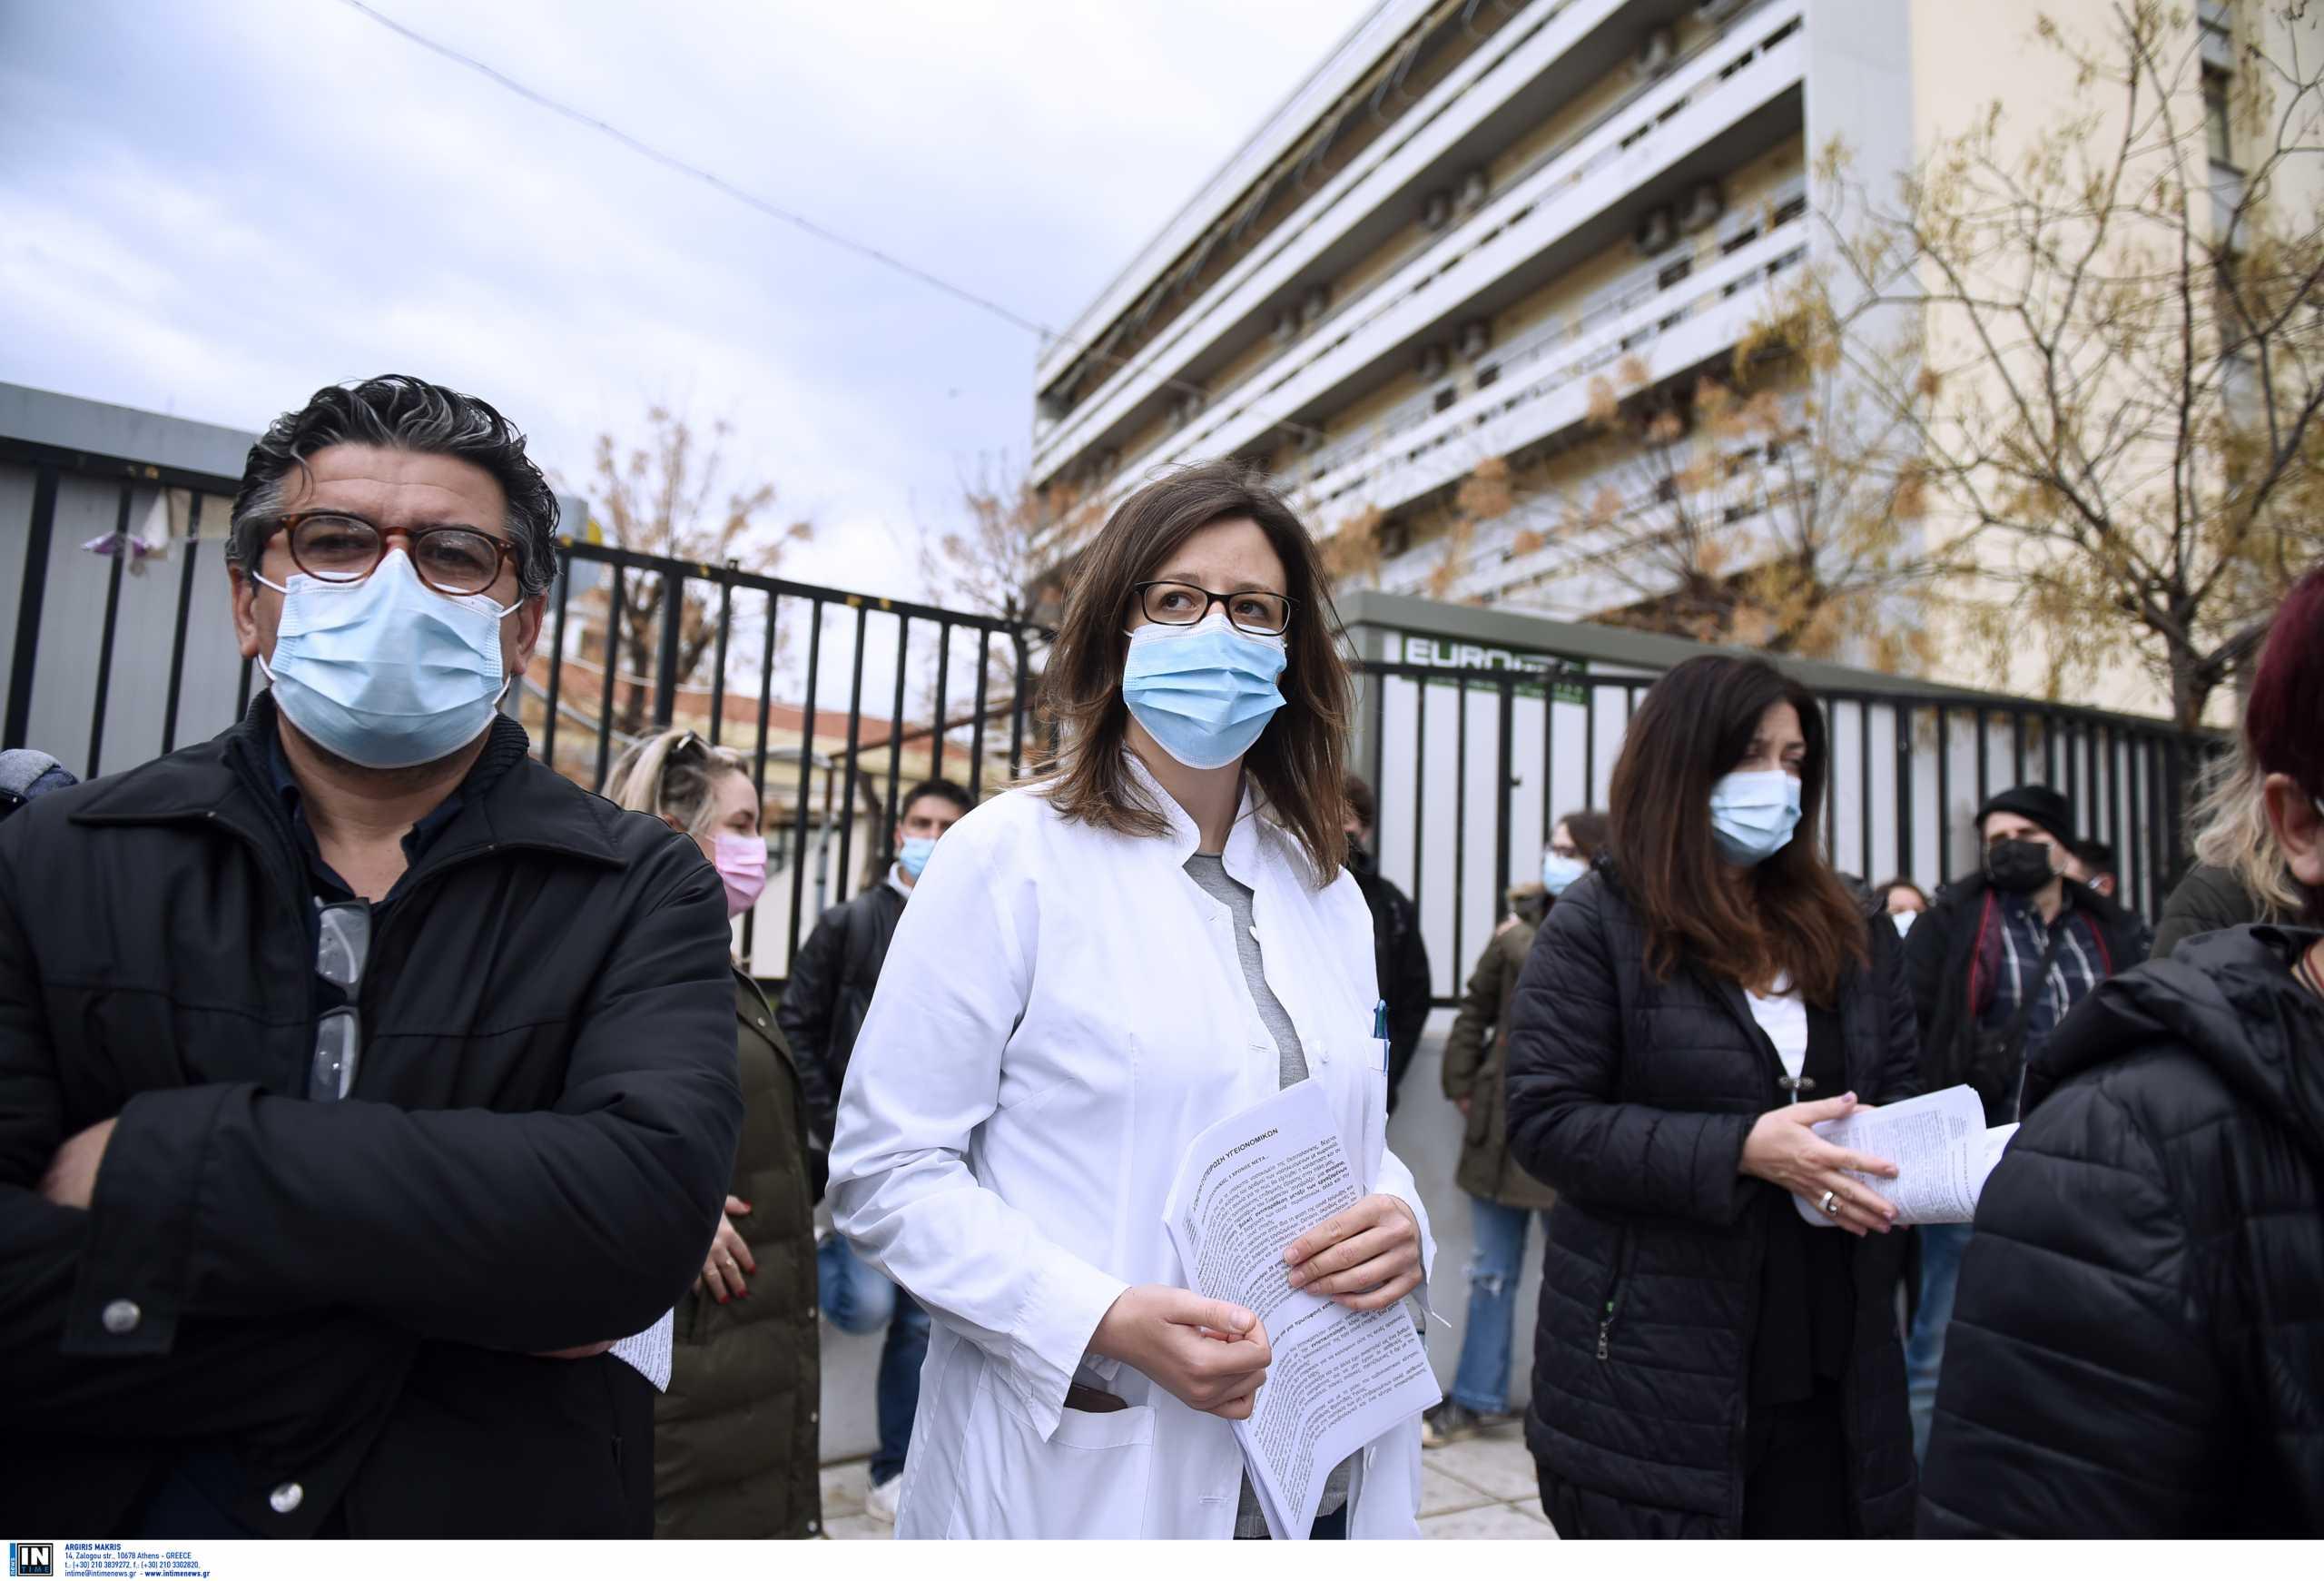 Θεσσαλονίκη: Αλαλούμ στο Ιπποκράτειο νοσοκομείο – Χάος με τις αναστολές εργασίας